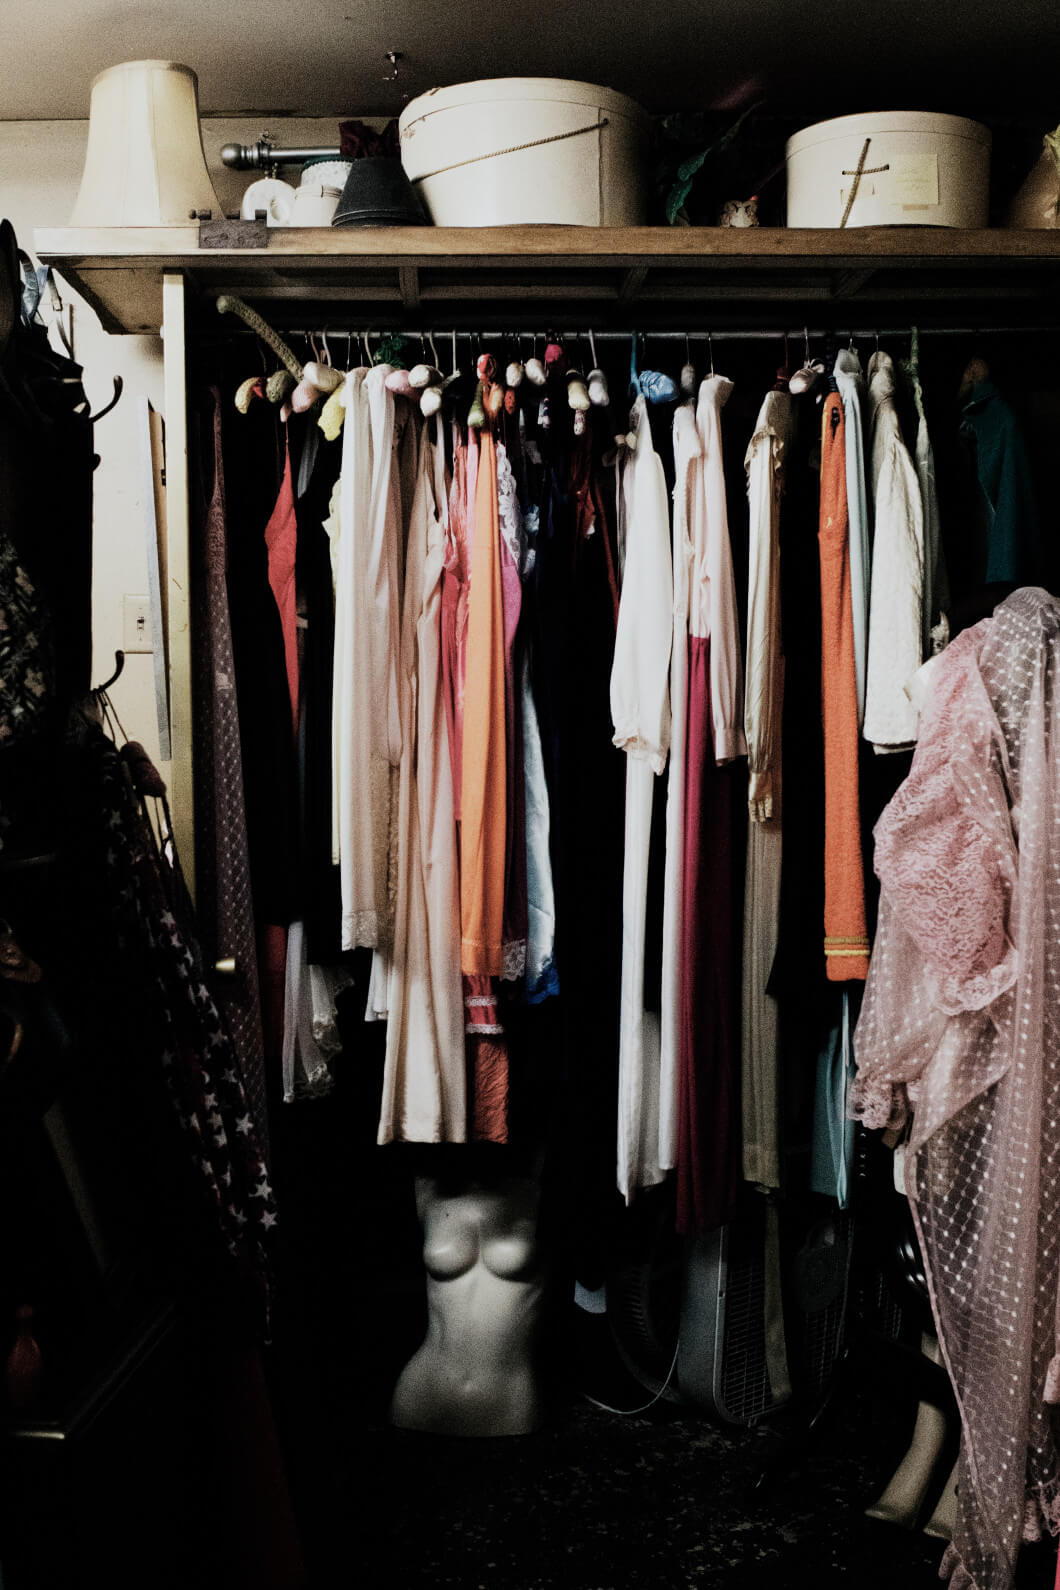 Kleiderschrank mit Kleidung auf Bügeln und Hutschachteln